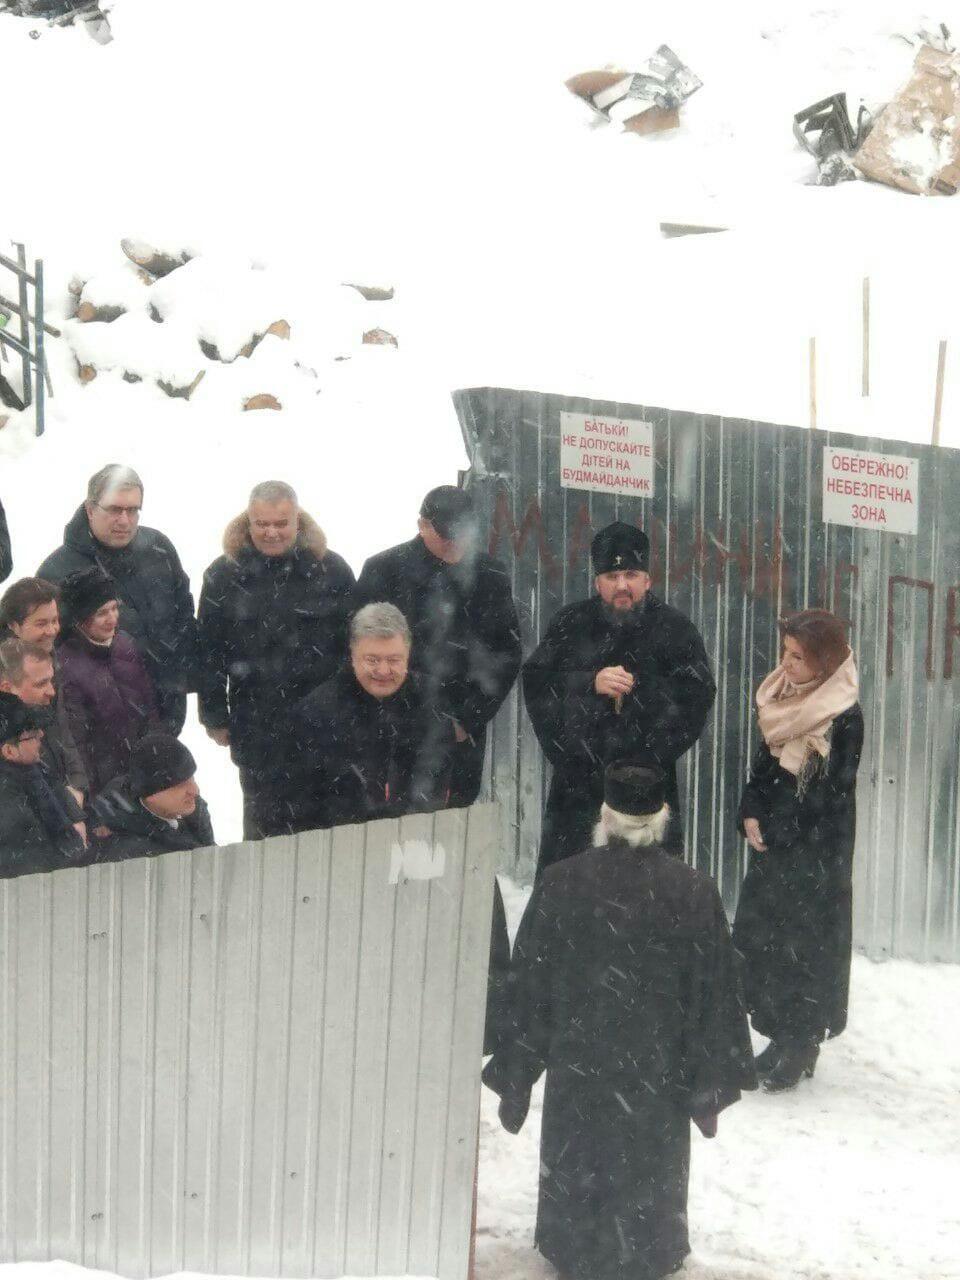 Порошенко хочет отдать Варфоломею храм, где был похоронен основатель Москвы